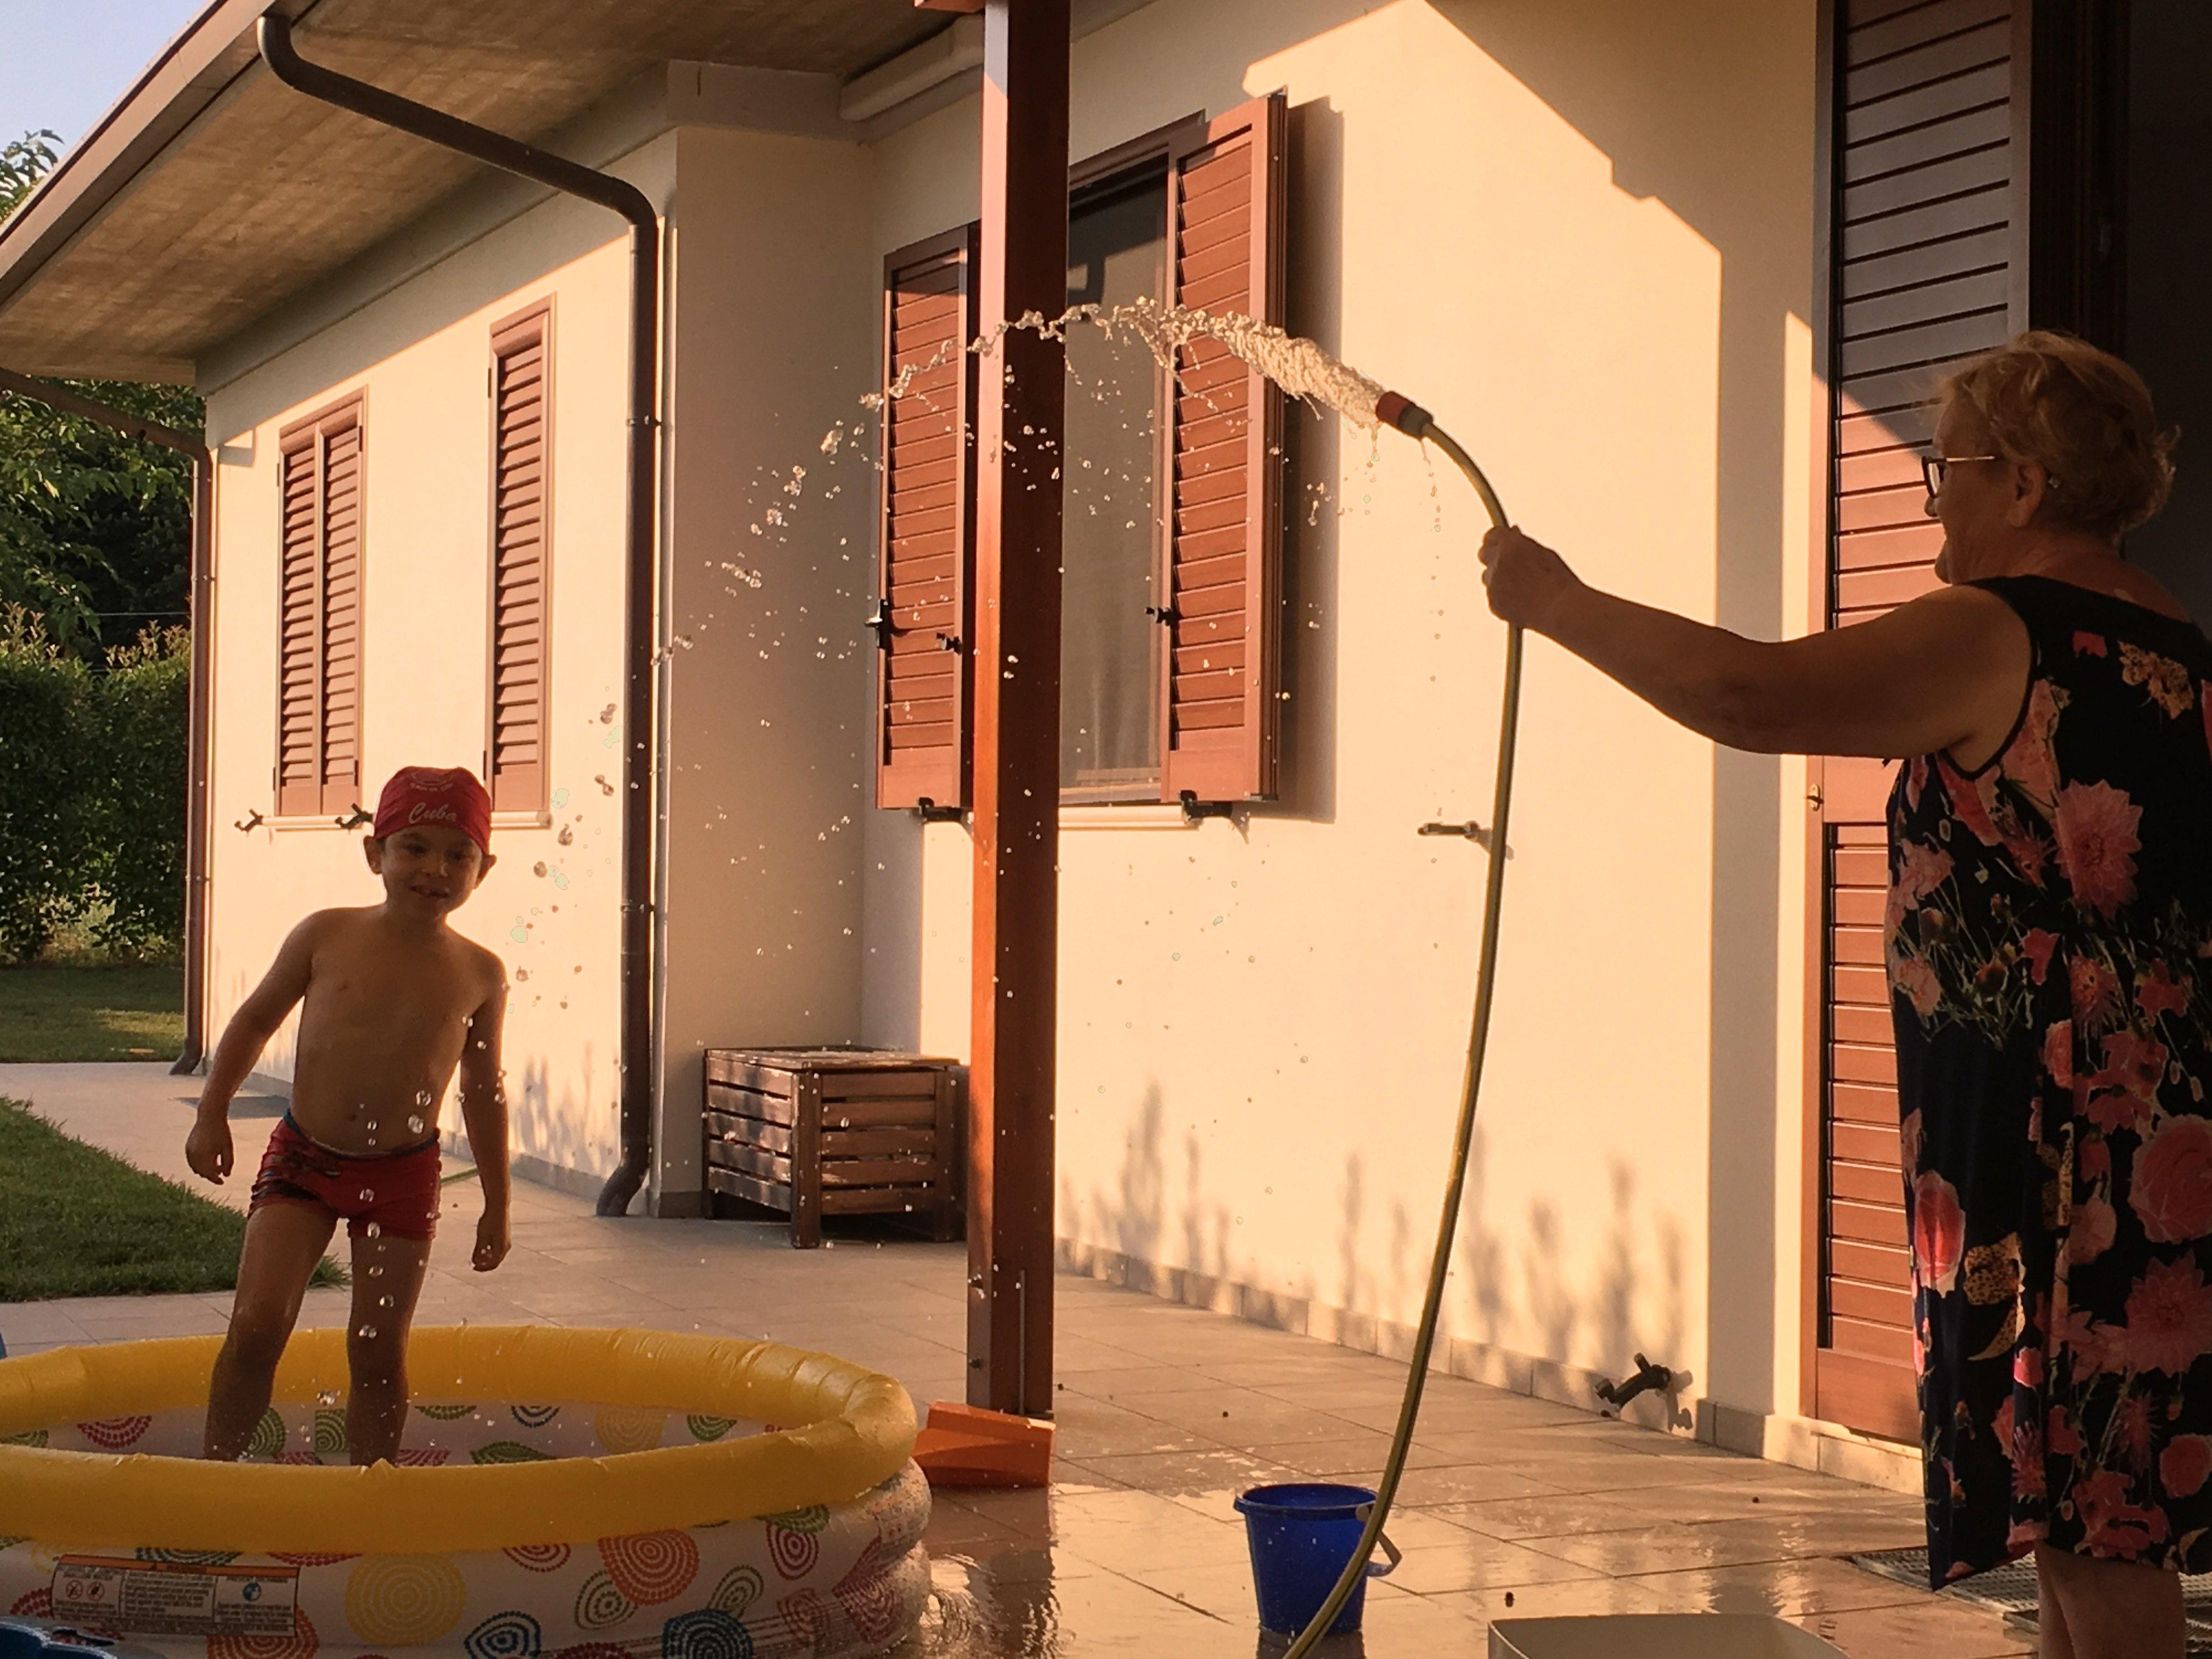 Maria tiene il tubo dell'acqua per far giocare Giuliano